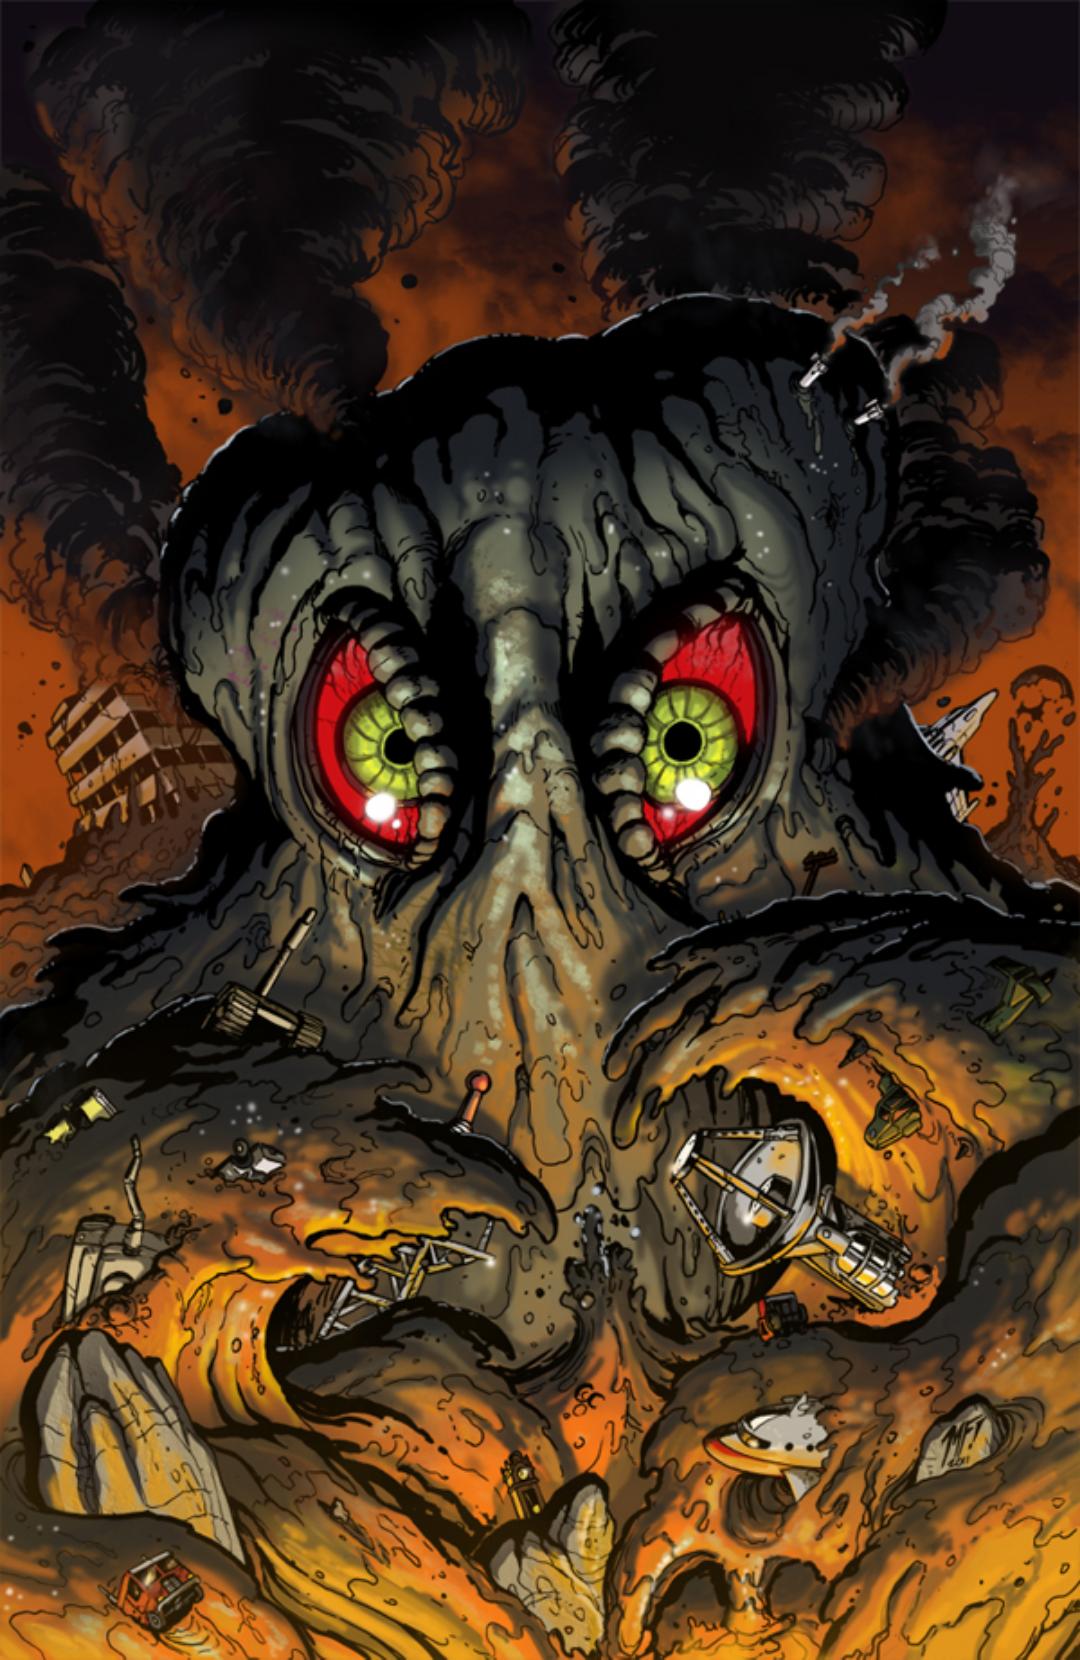 Der Kaiju der Woche ist Hedorah